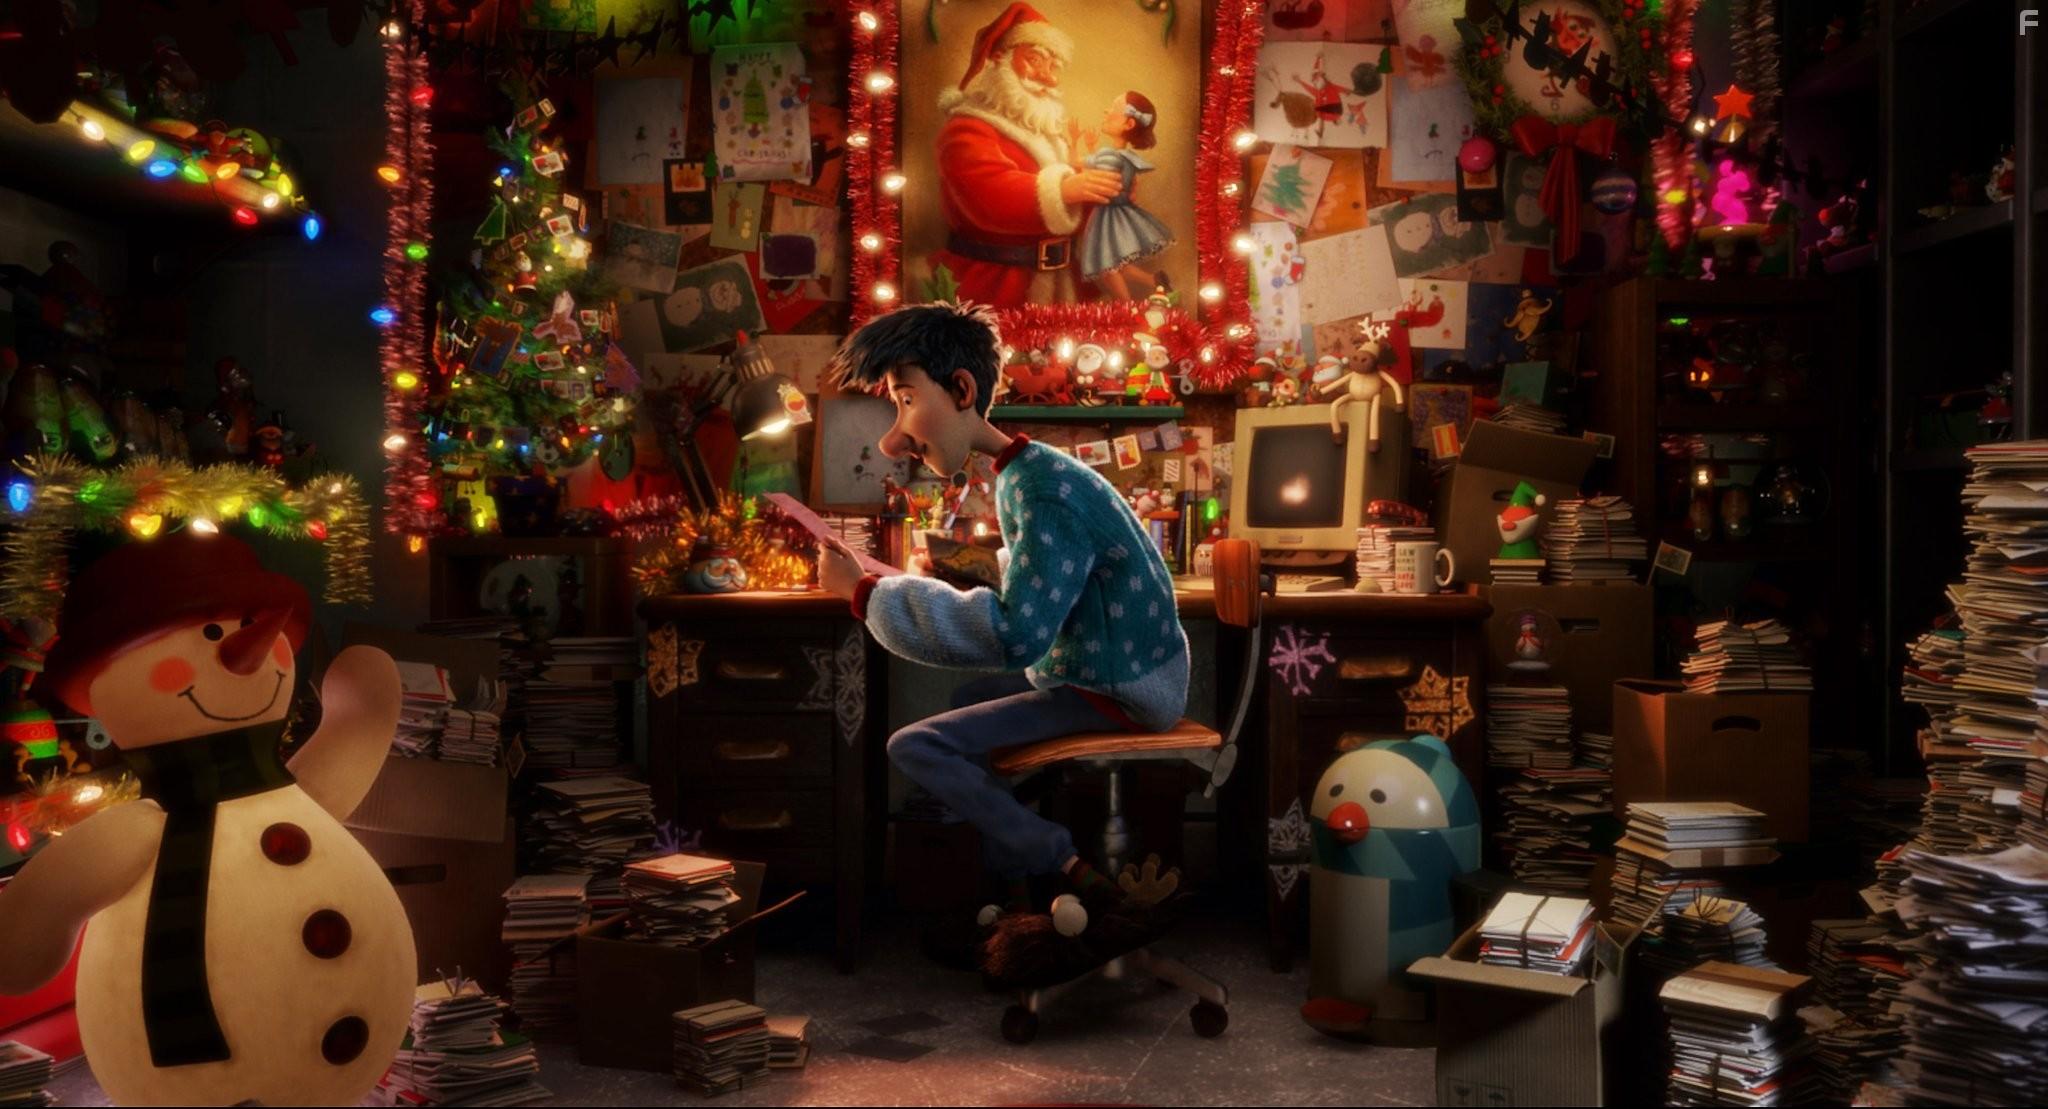 Что посмотреть на праздники: 7 фильмов о рождественских приключениях